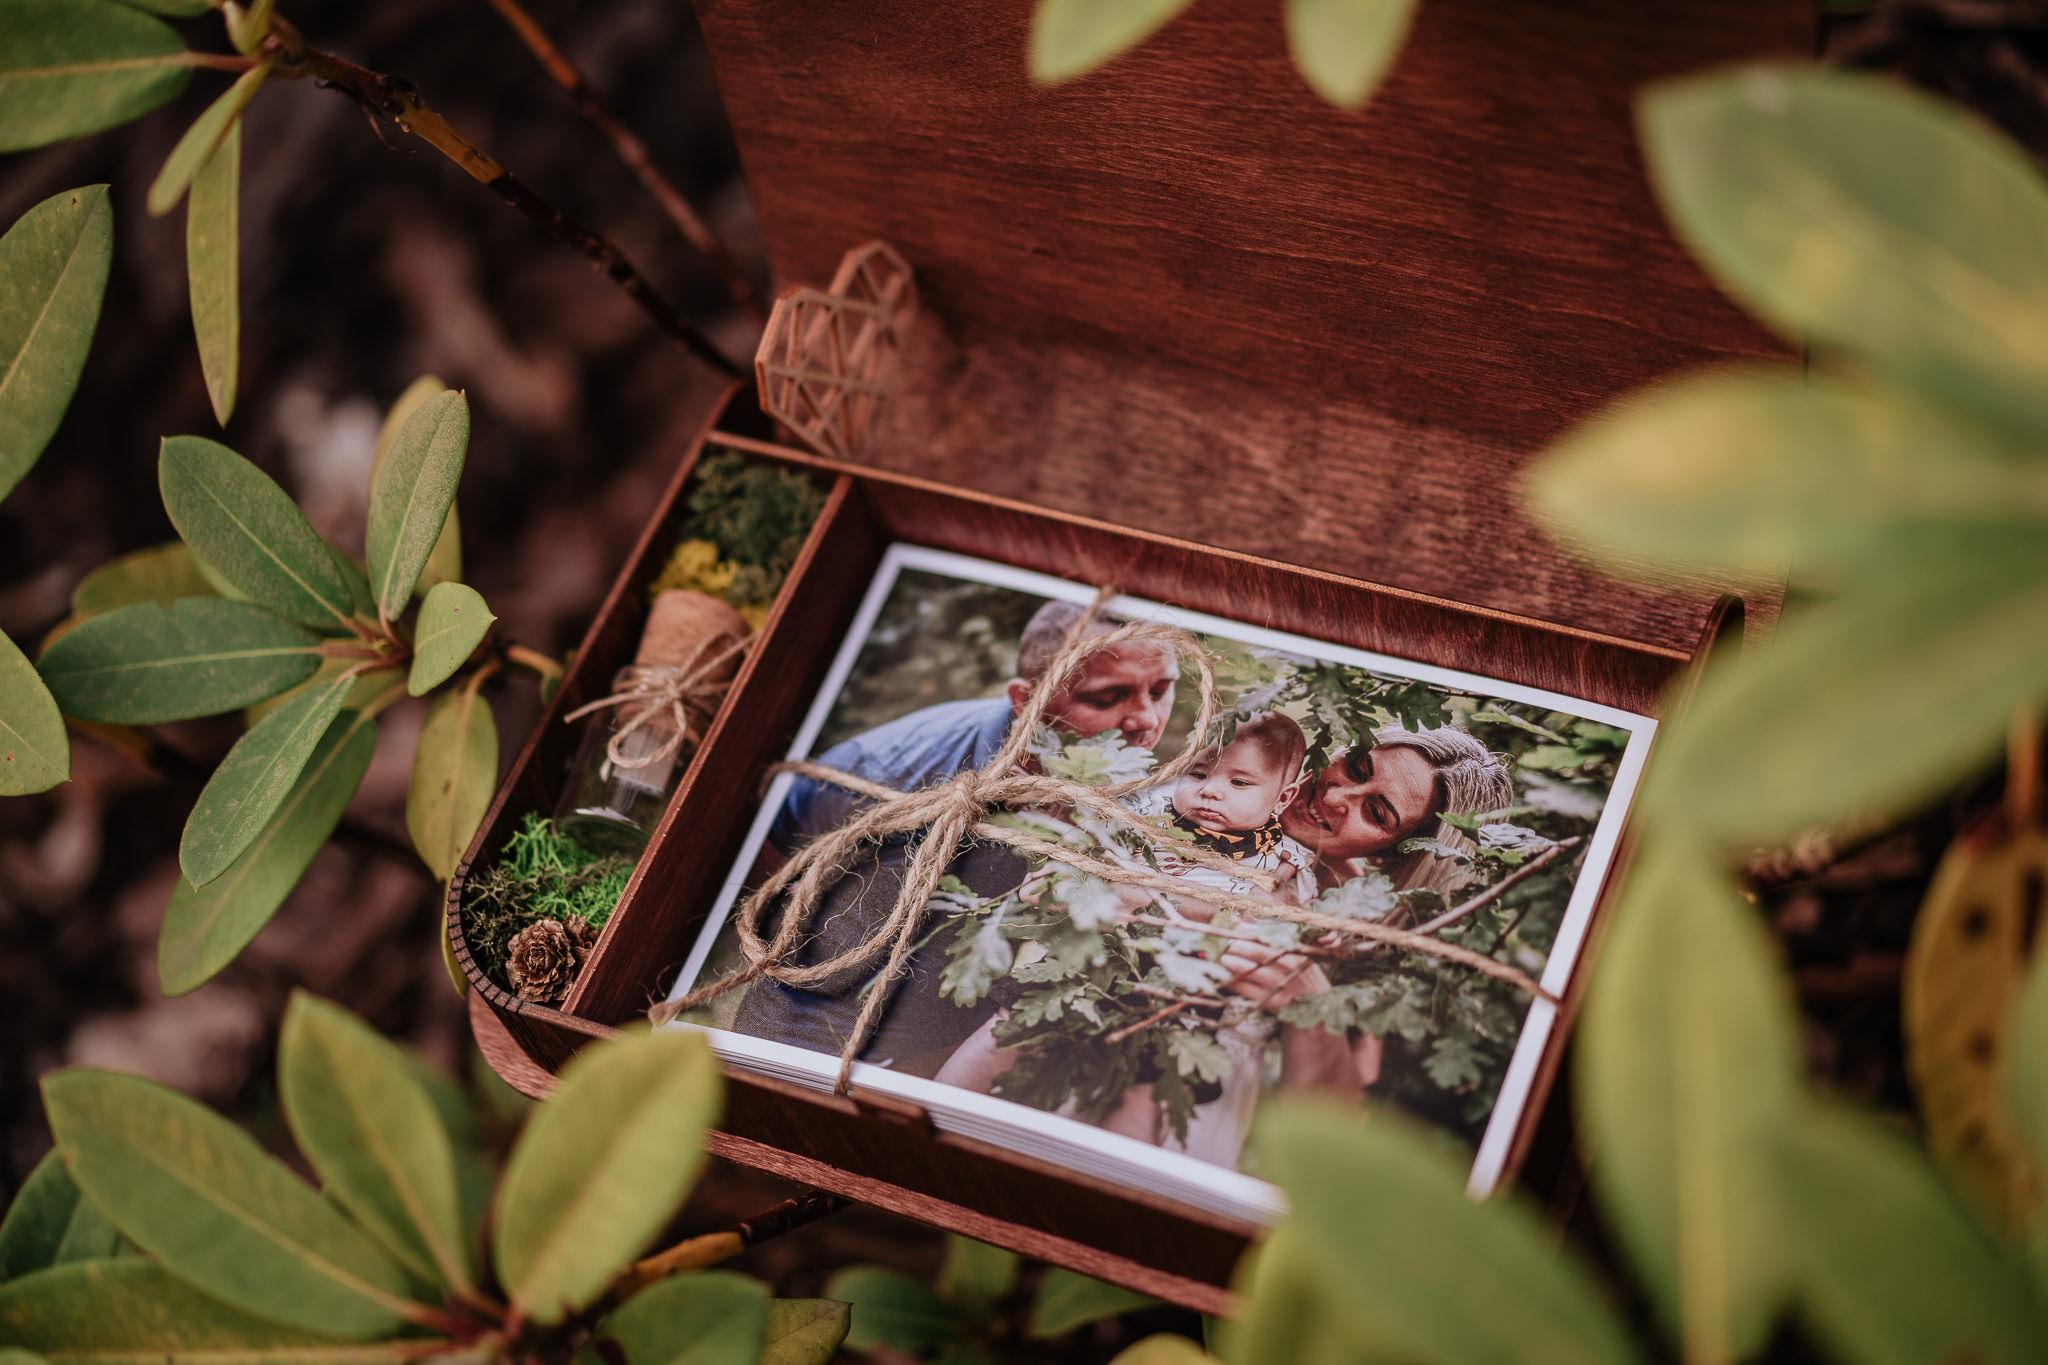 Zawartość pudełka ze zdjęciami z sesji rodzinnej fotografa Krzysztofa Orłowskiego